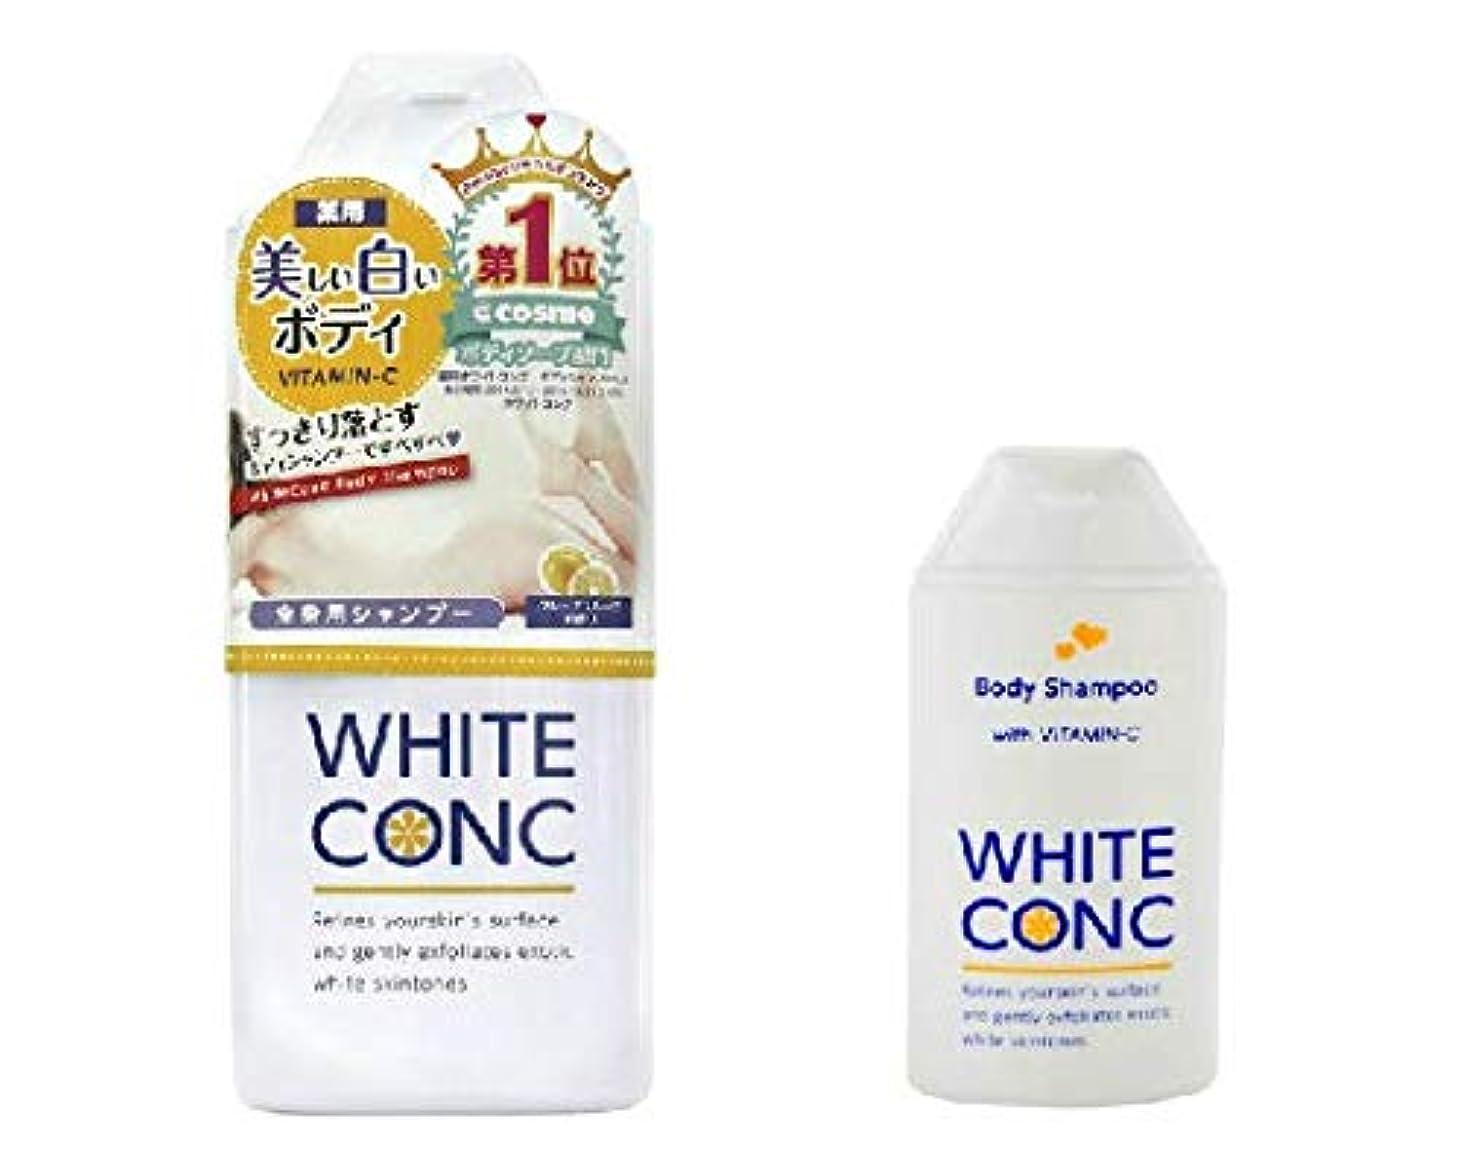 小間眠るヘルパー【WHITE CONC(ホワイトコンク)】 ボディシャンプーC Ⅱ_360mL1本&150mL1本